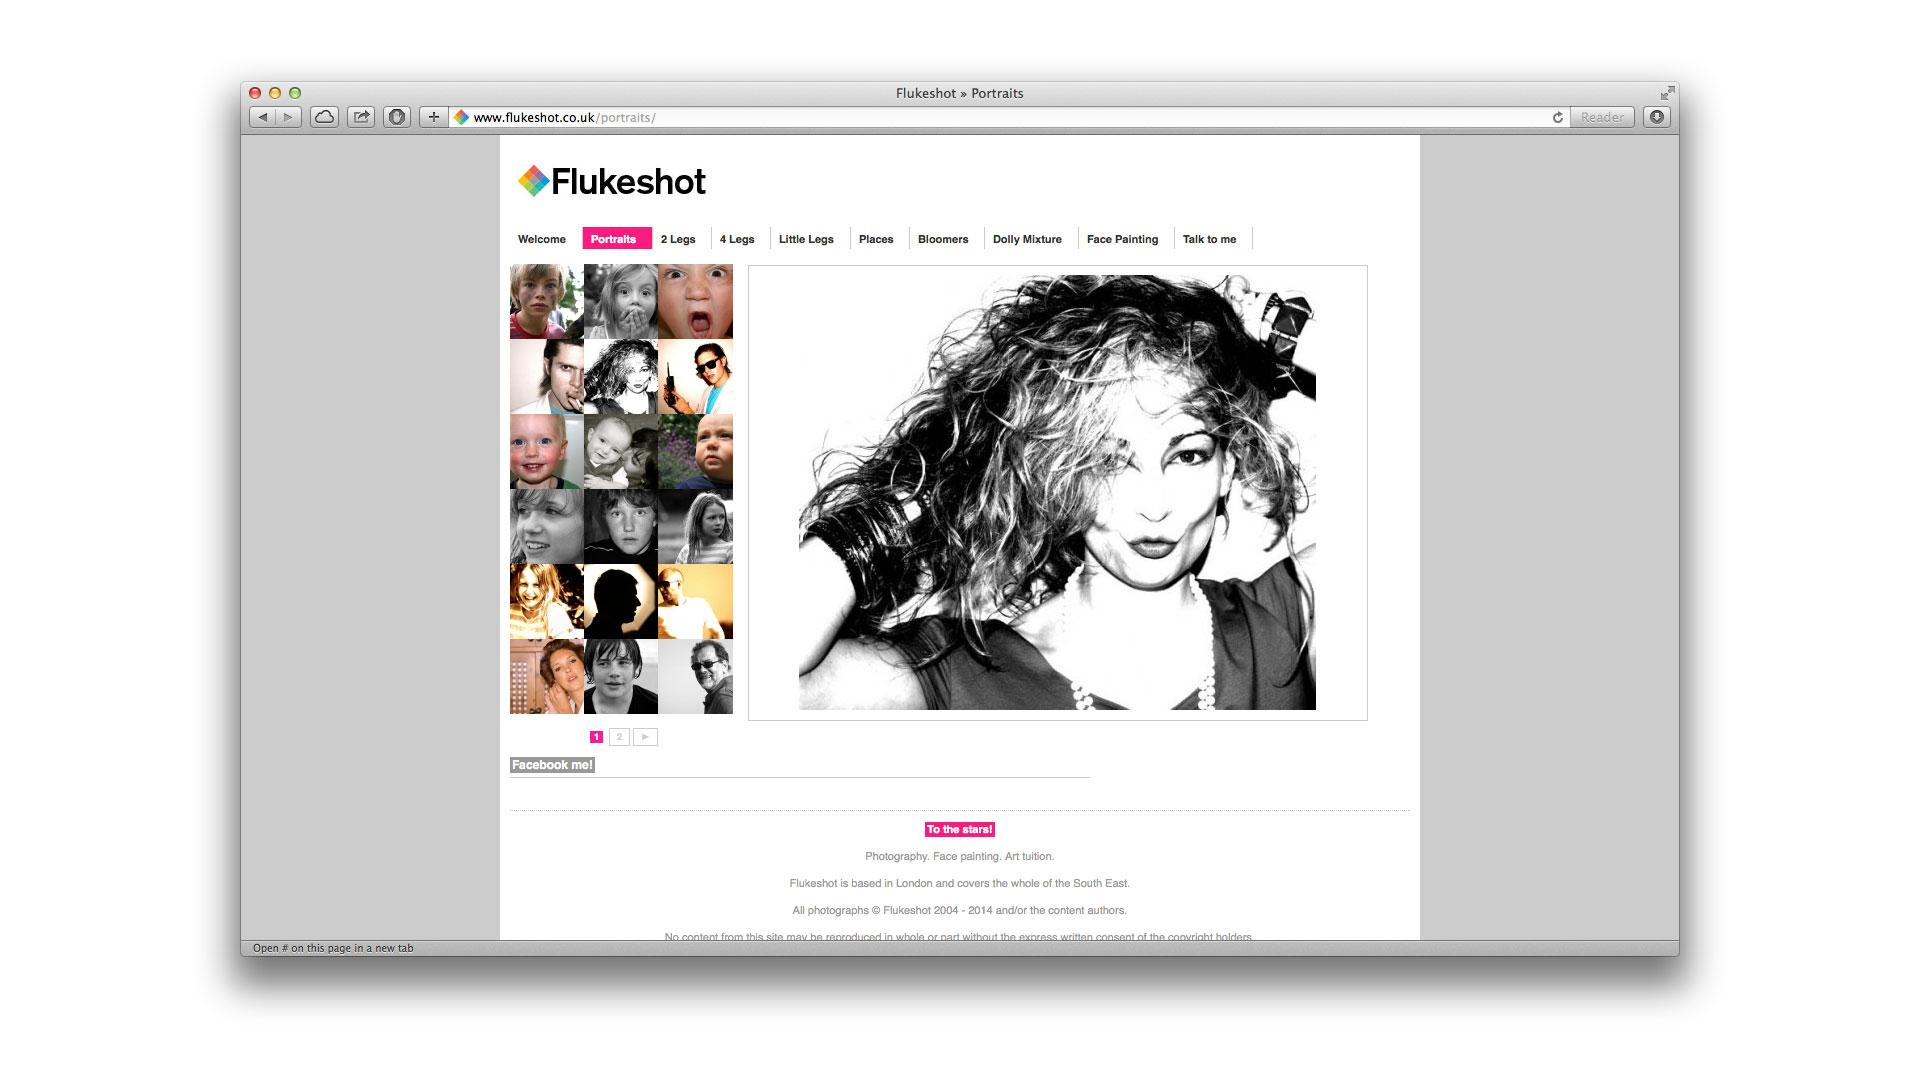 Flukeshot page